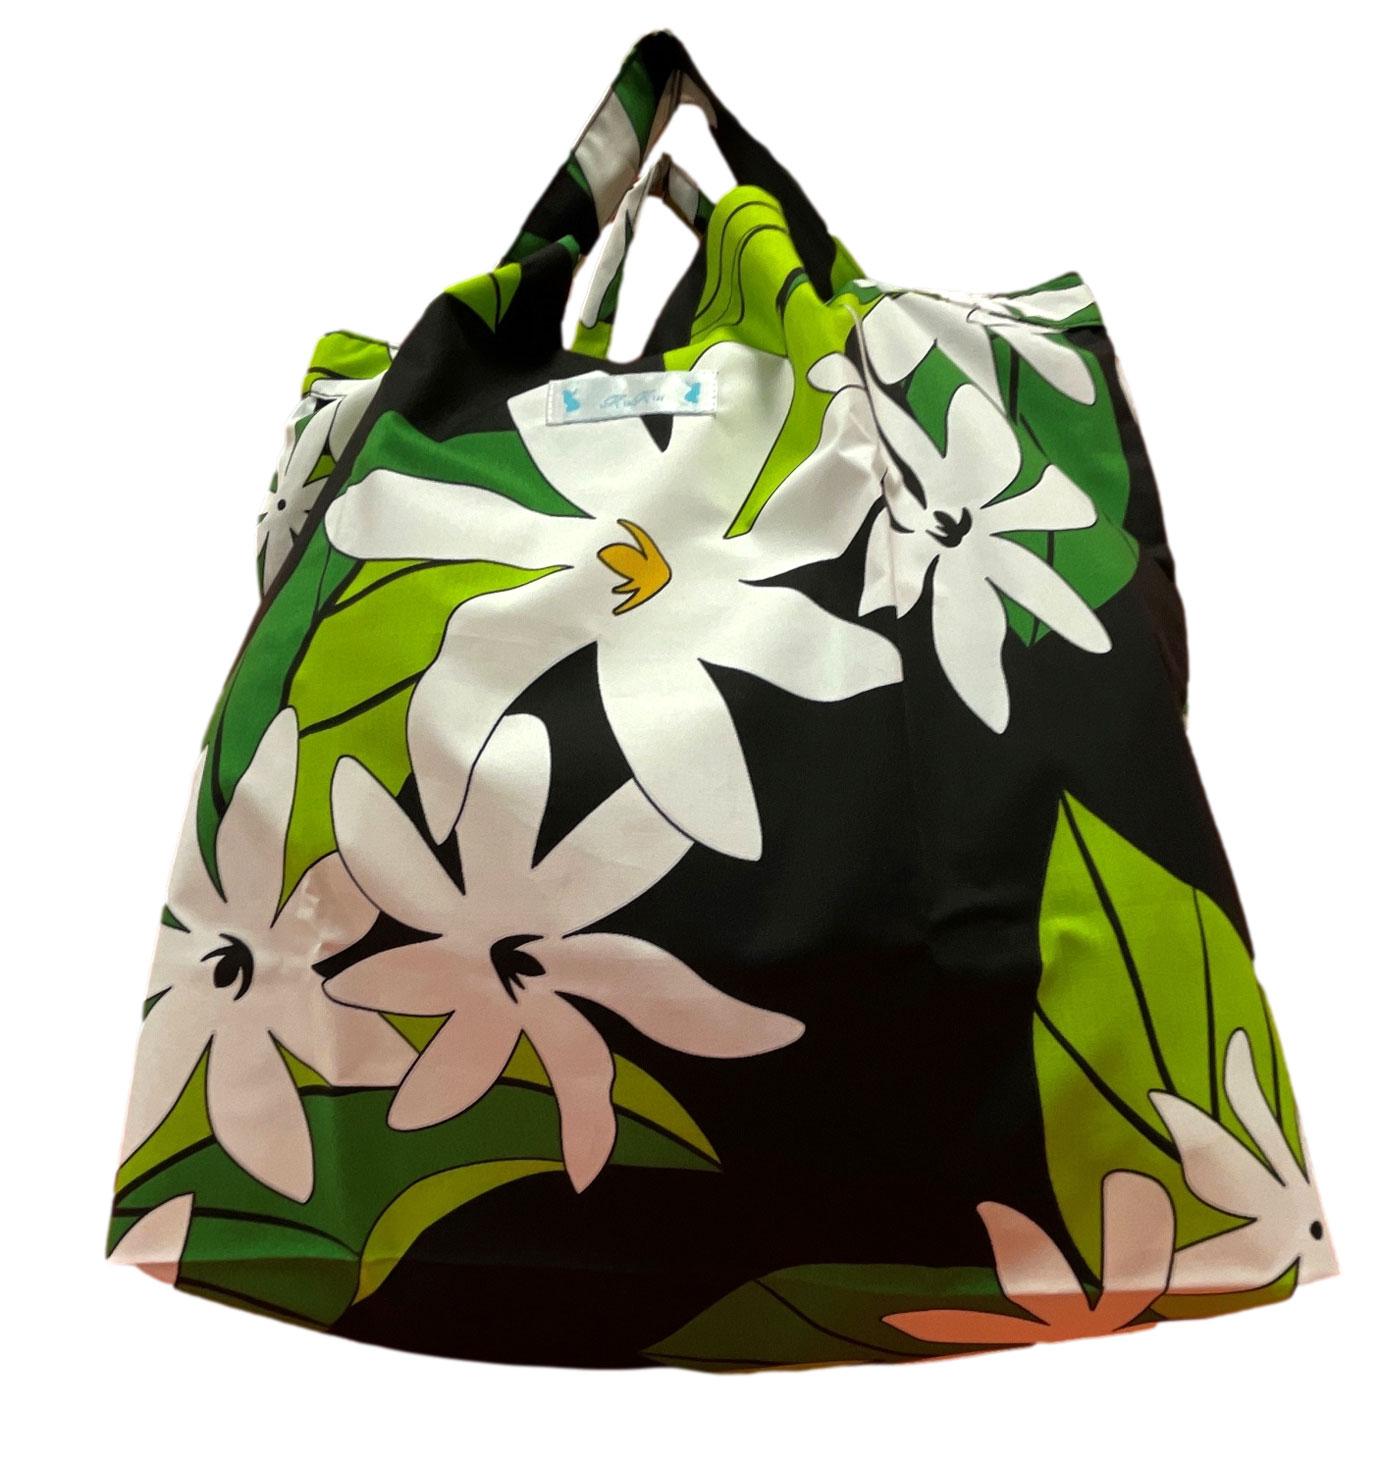 人気のマイバック エコバックもハワイアンで気分を上げよう KuKuiの商品は全て日本縫製です ネコポス対応商品 KuKui ピタッとバッグ 021 エコバッグ マイバッグ ハワイアン ショッピングバッグ コンパクト 日本限定 折り畳み ハワイアン雑貨 『1年保証』 かわいい 洗える マチ付き